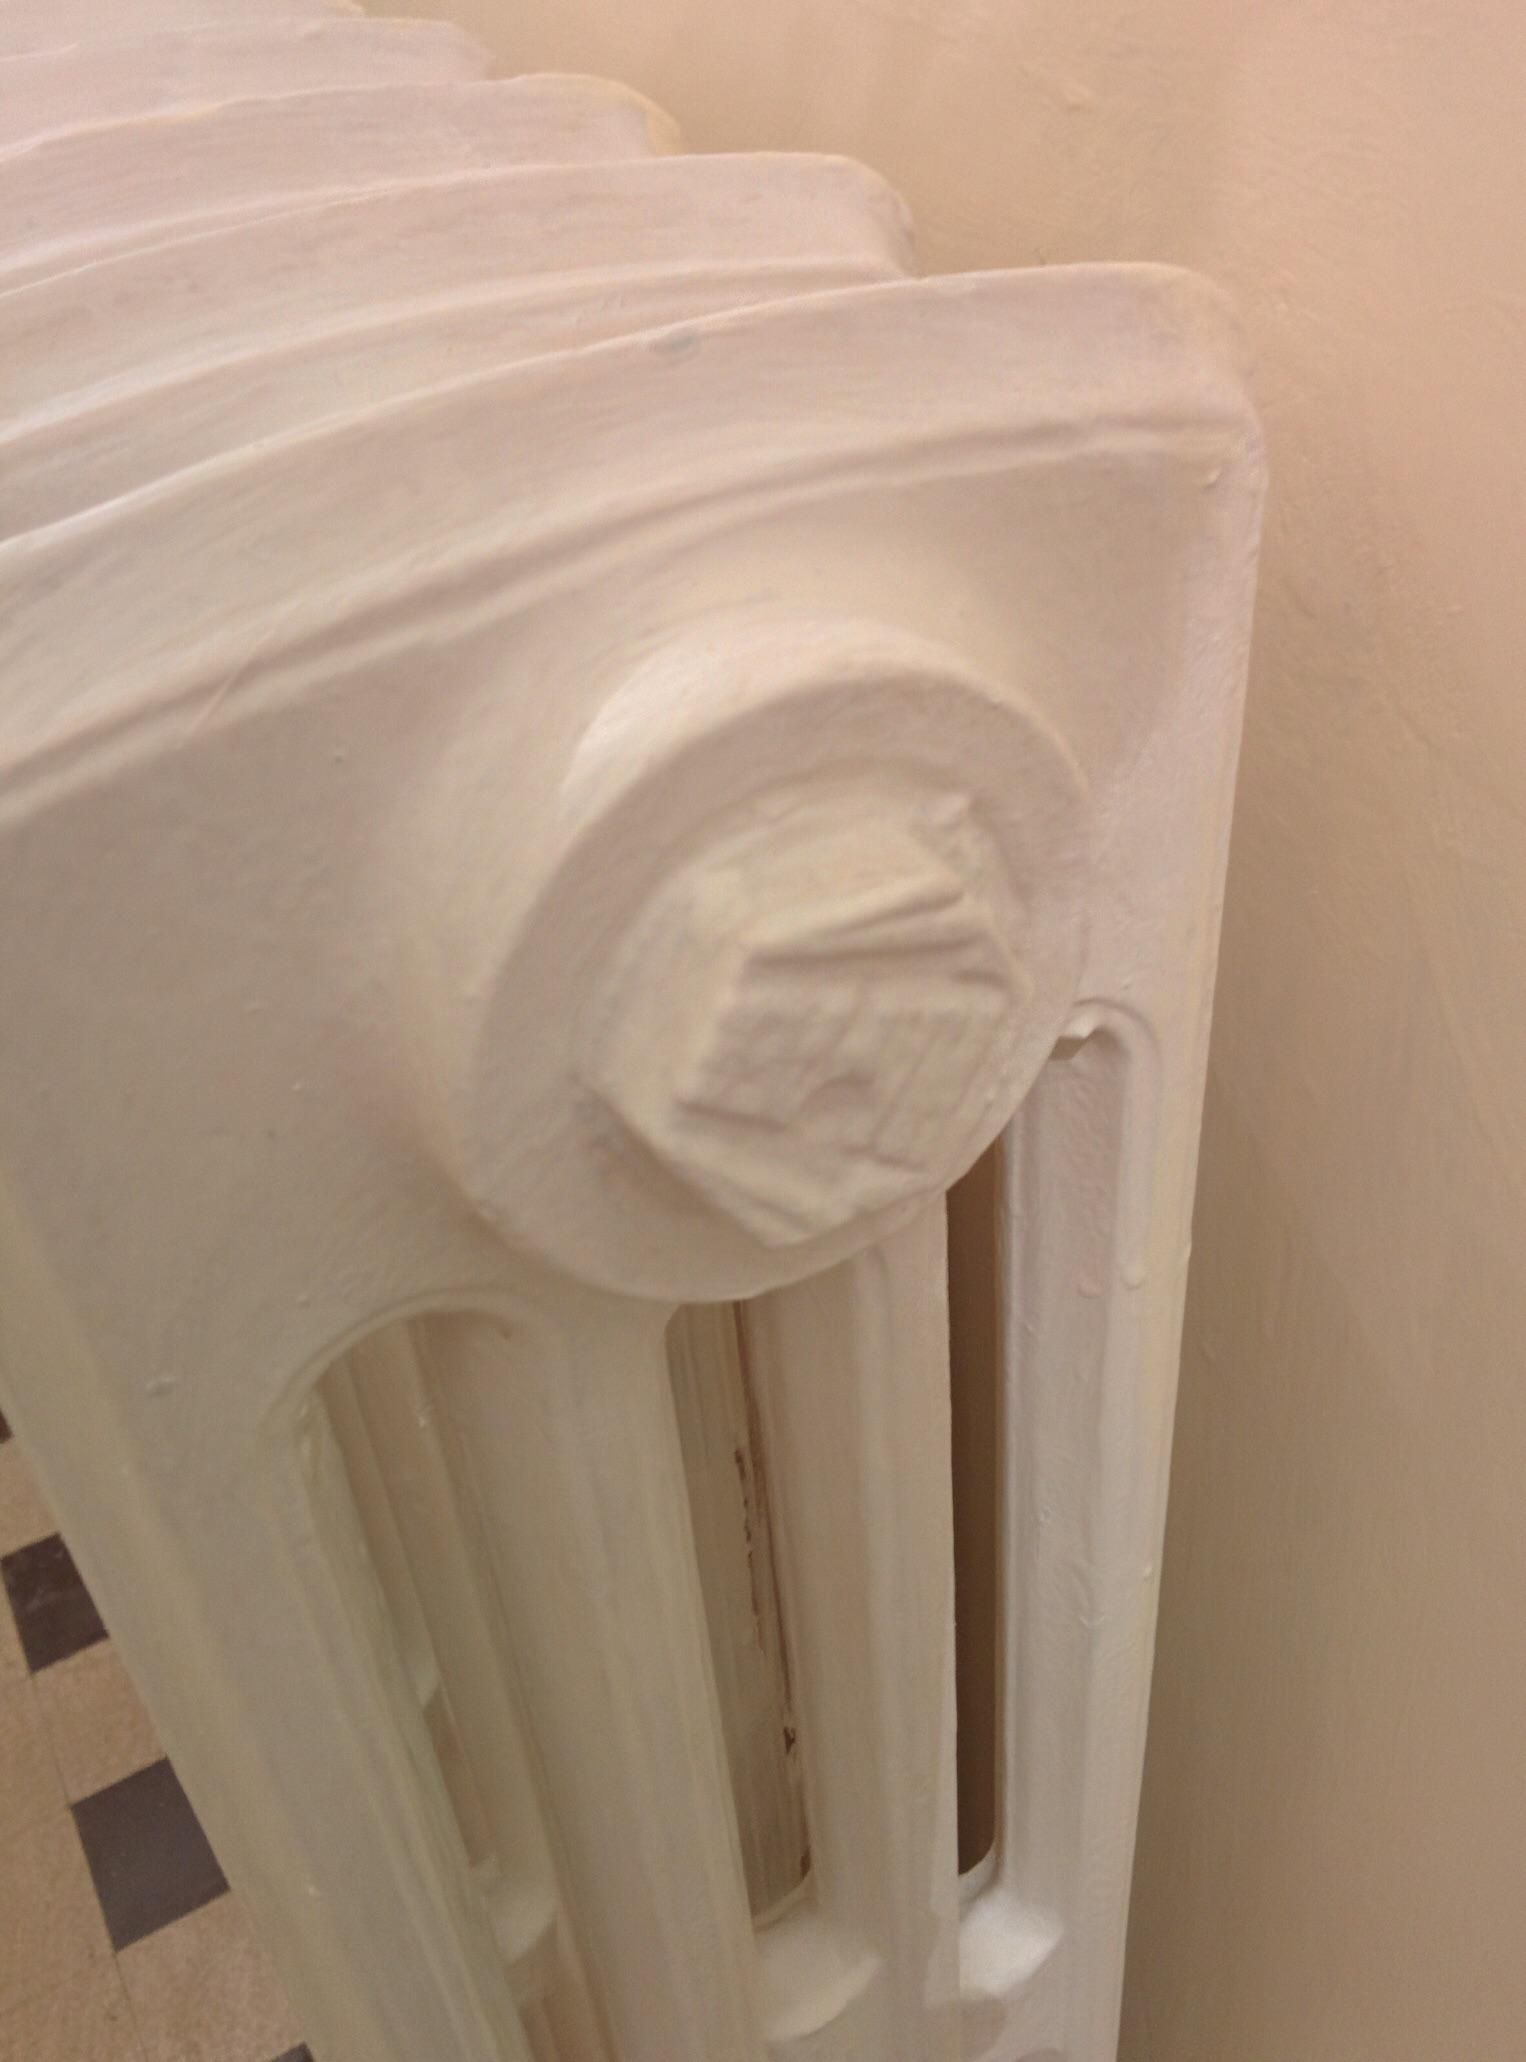 R solu comment purger ce type de radiateur communaut leroy merlin - Comment purge t on un radiateur ...